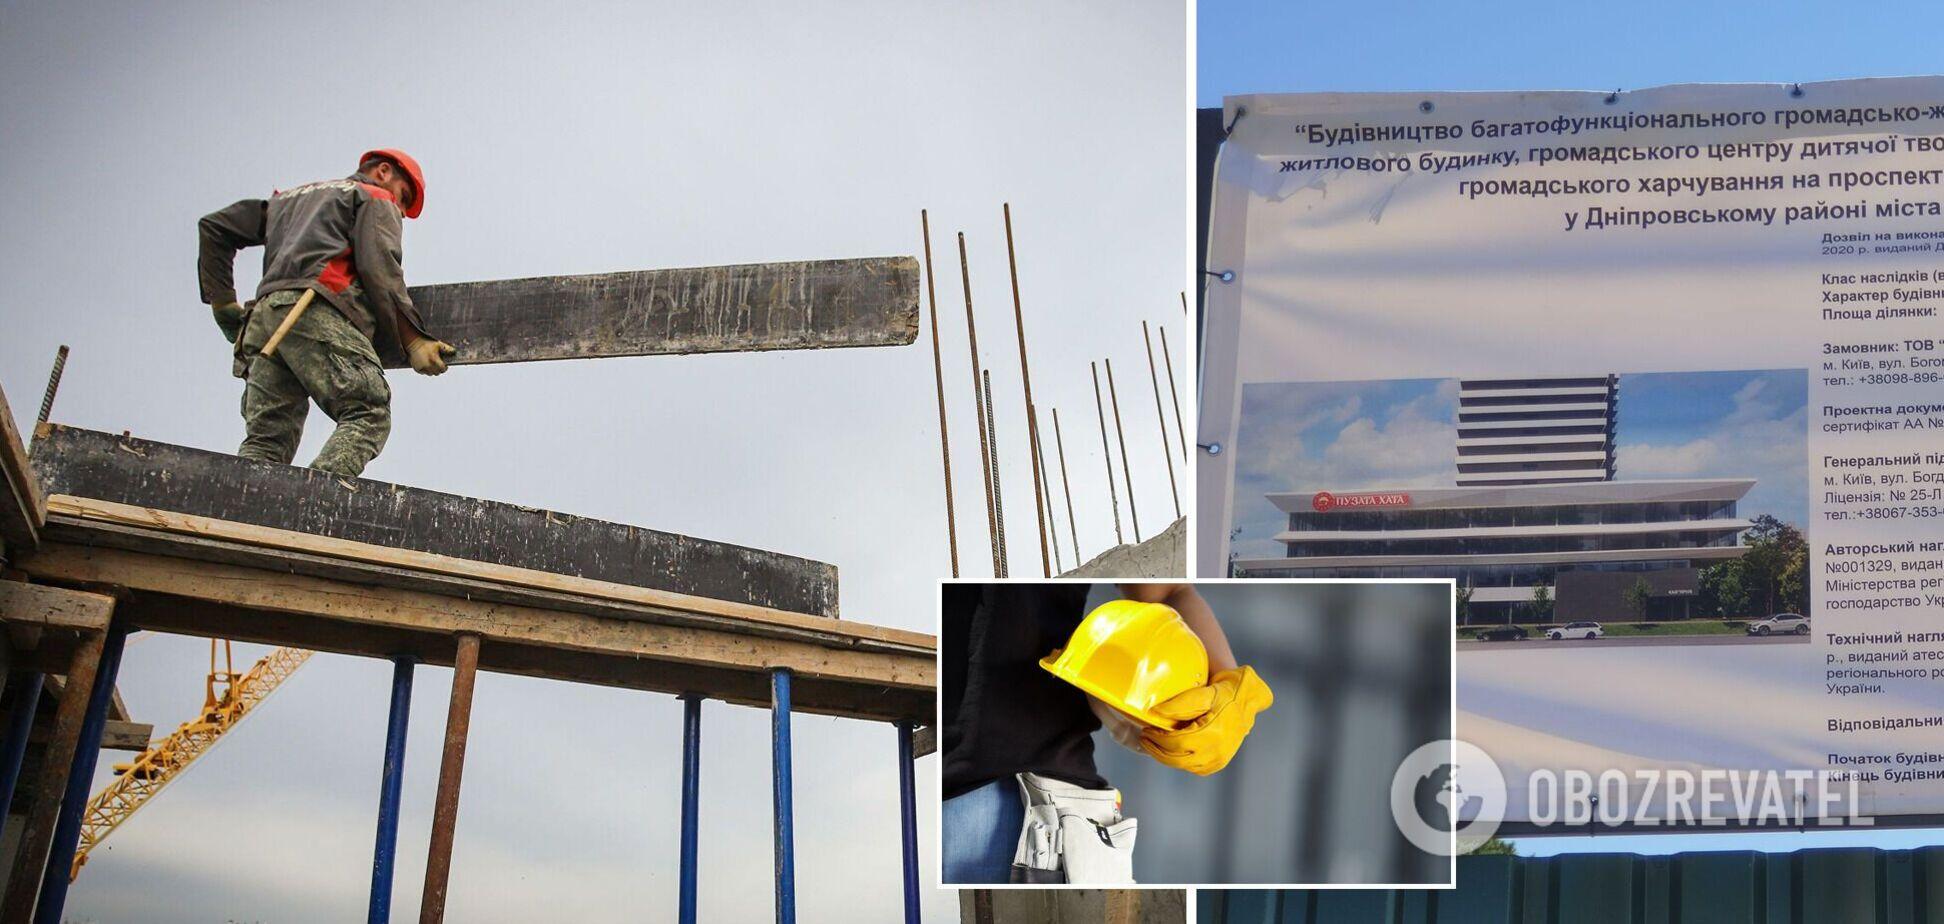 ЖК на Броварському проспекті в Києві: інвесторів попередили про суди за землю та порушення норм під час будівництва